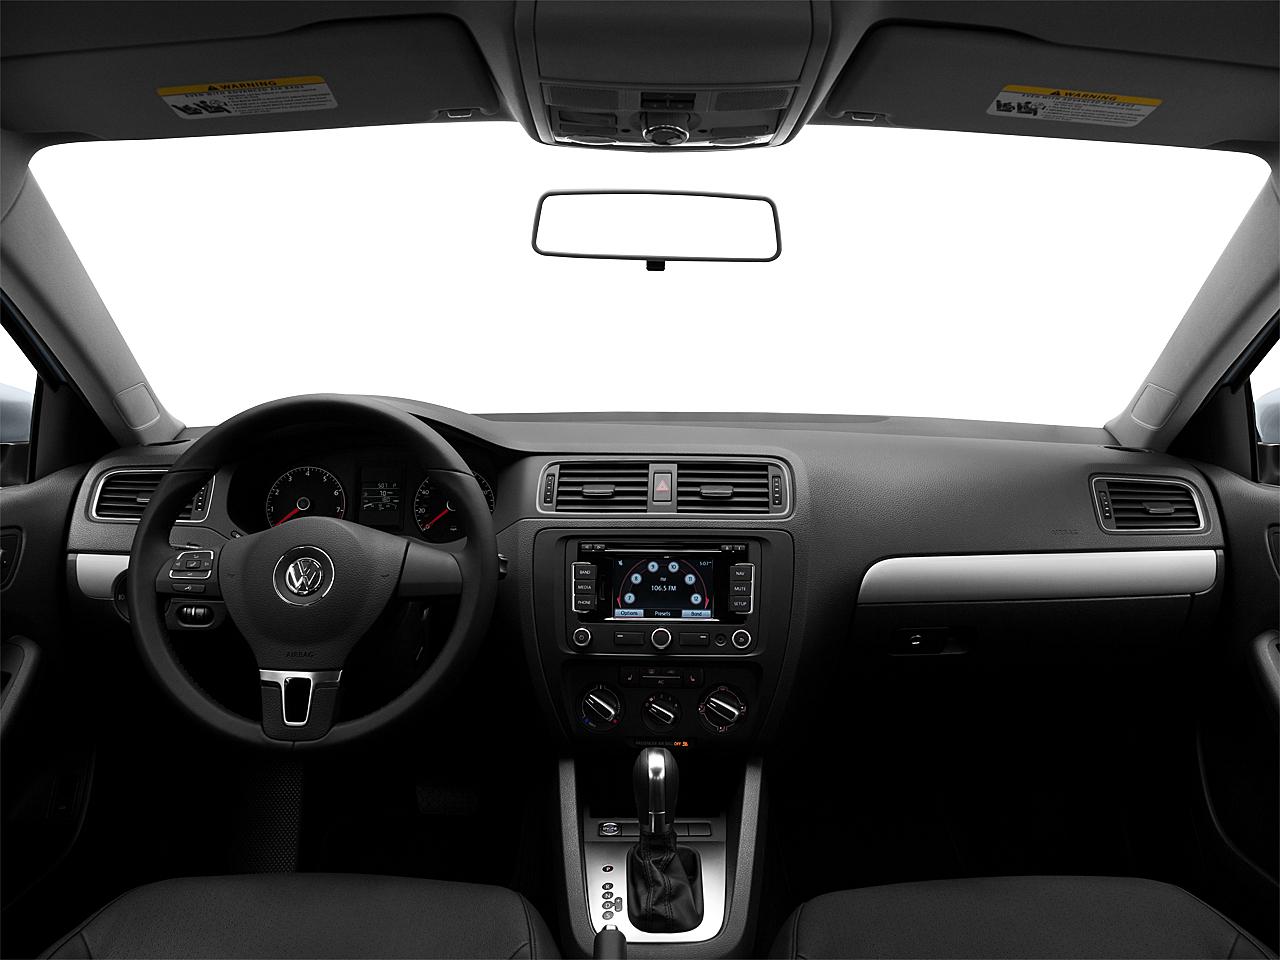 2011 Volkswagen Jetta SEL, centered wide dash shot